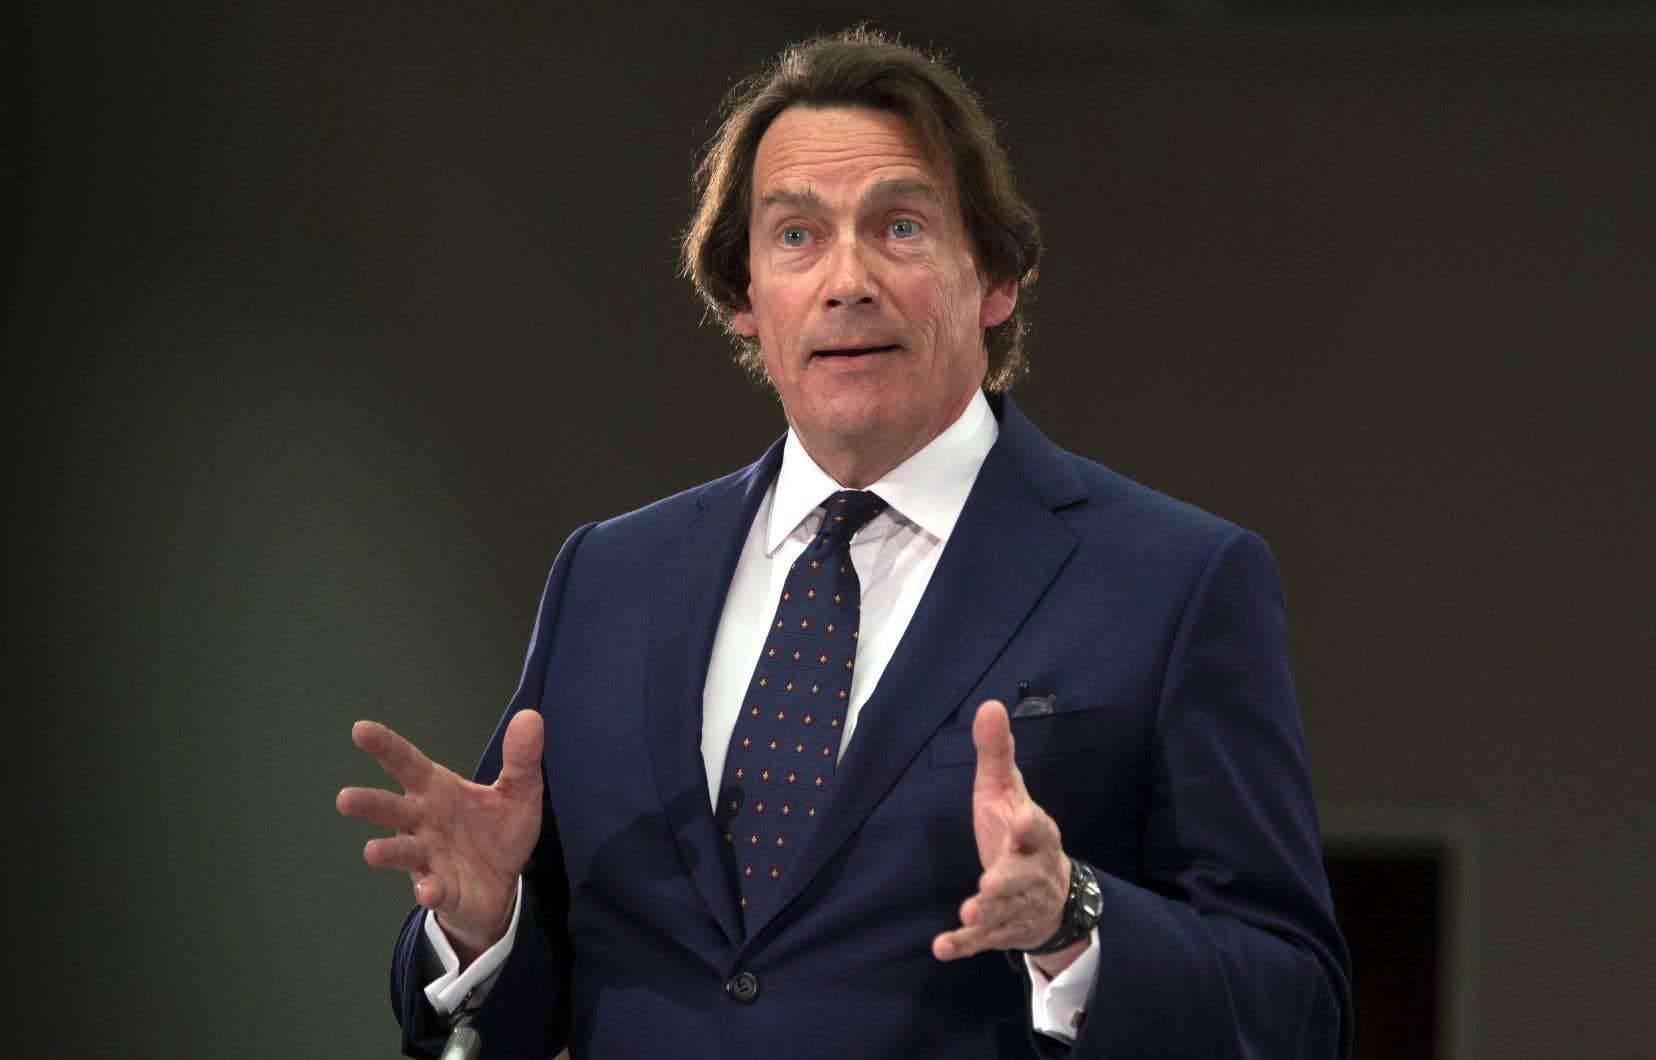 Pierre Karl Péladeau a mentionné son intention de revoir le modèle d'affaires de Taxelco une fois la transaction réalisée, ce qui devrait être le 31 mai prochain.